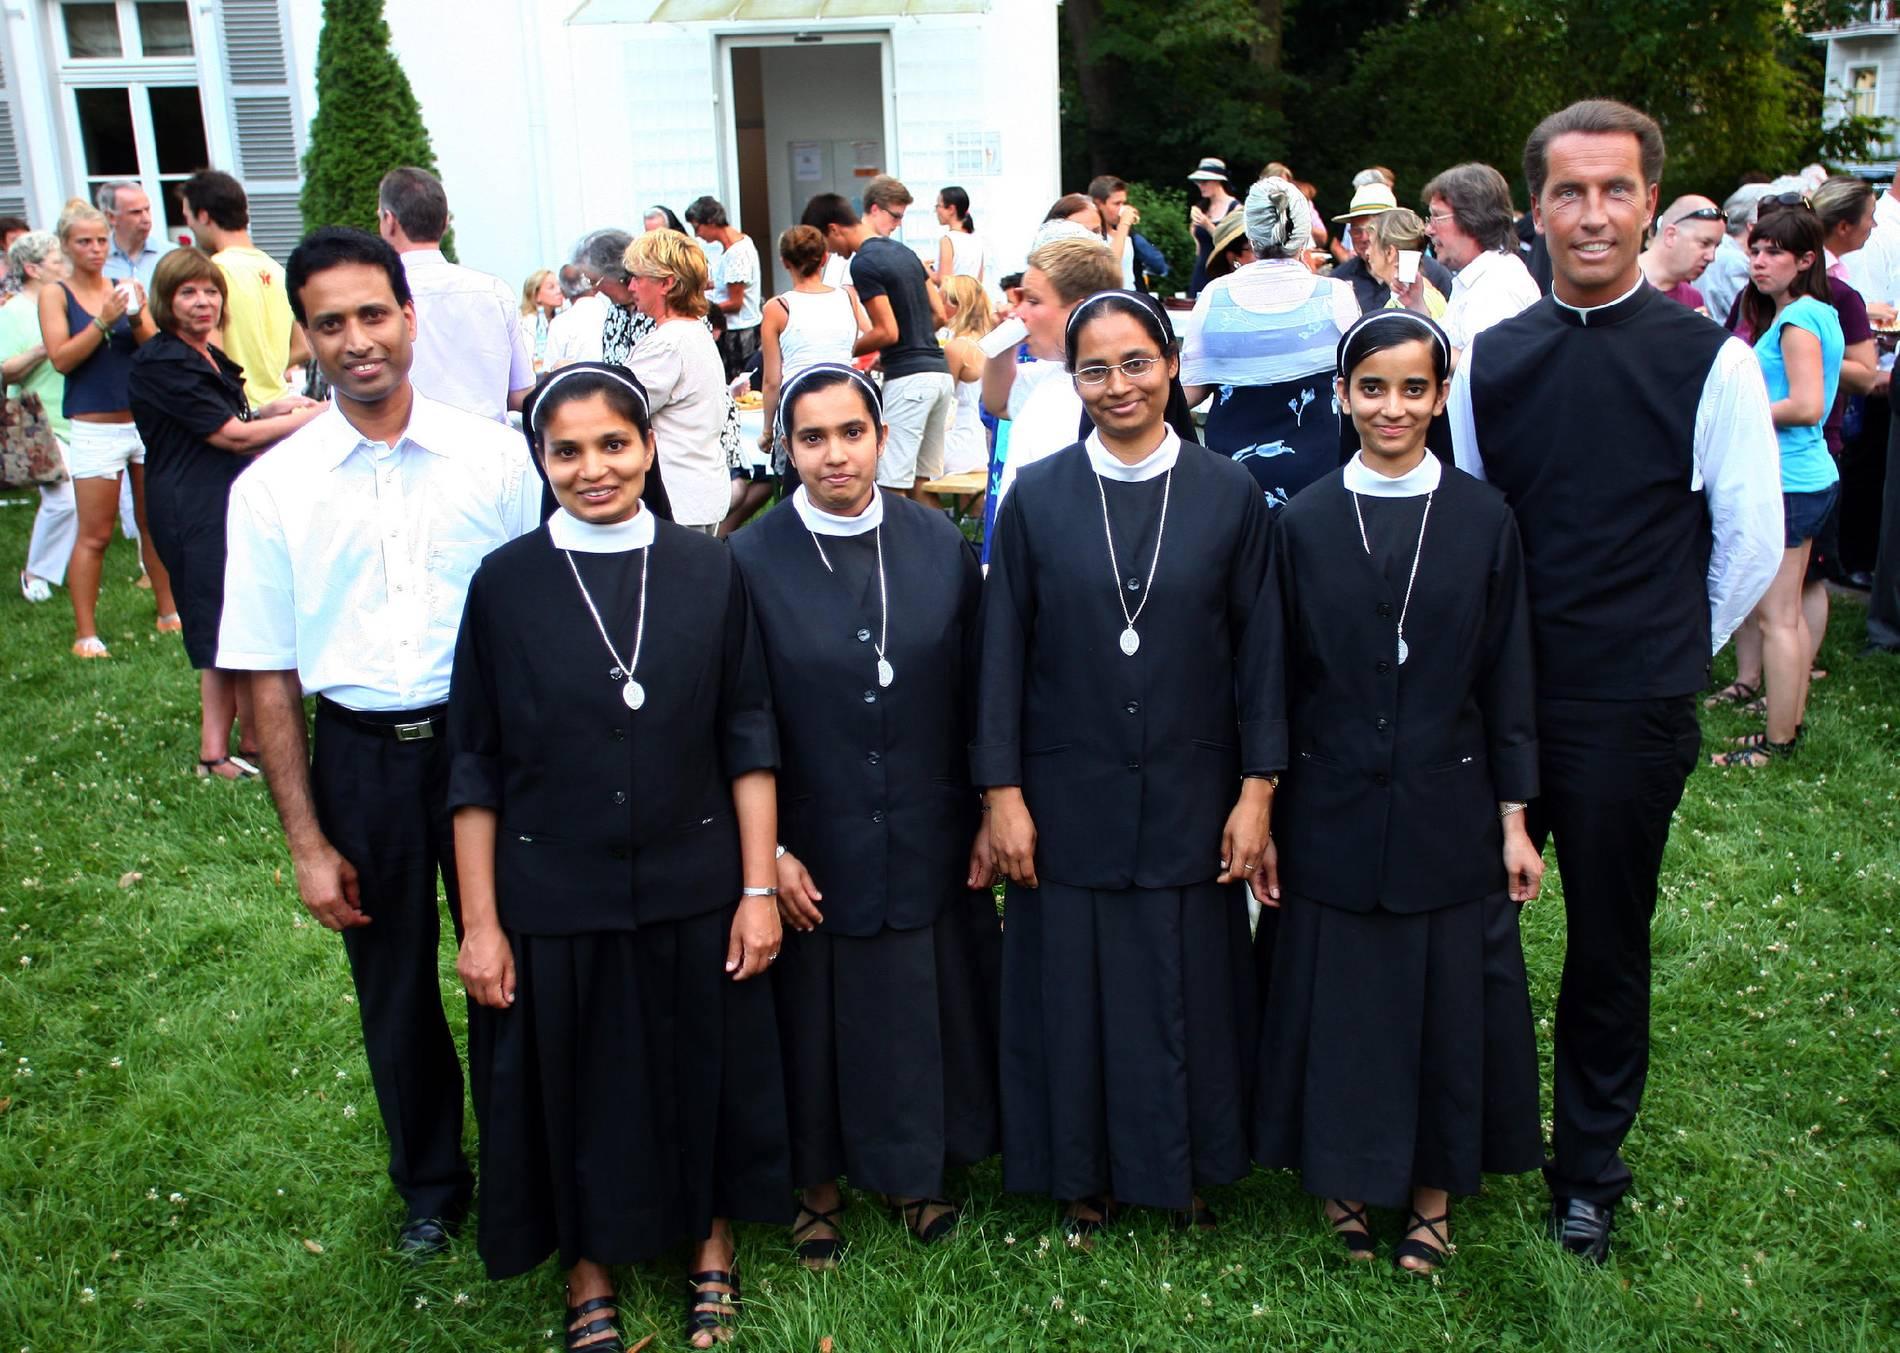 Missionsschwestern